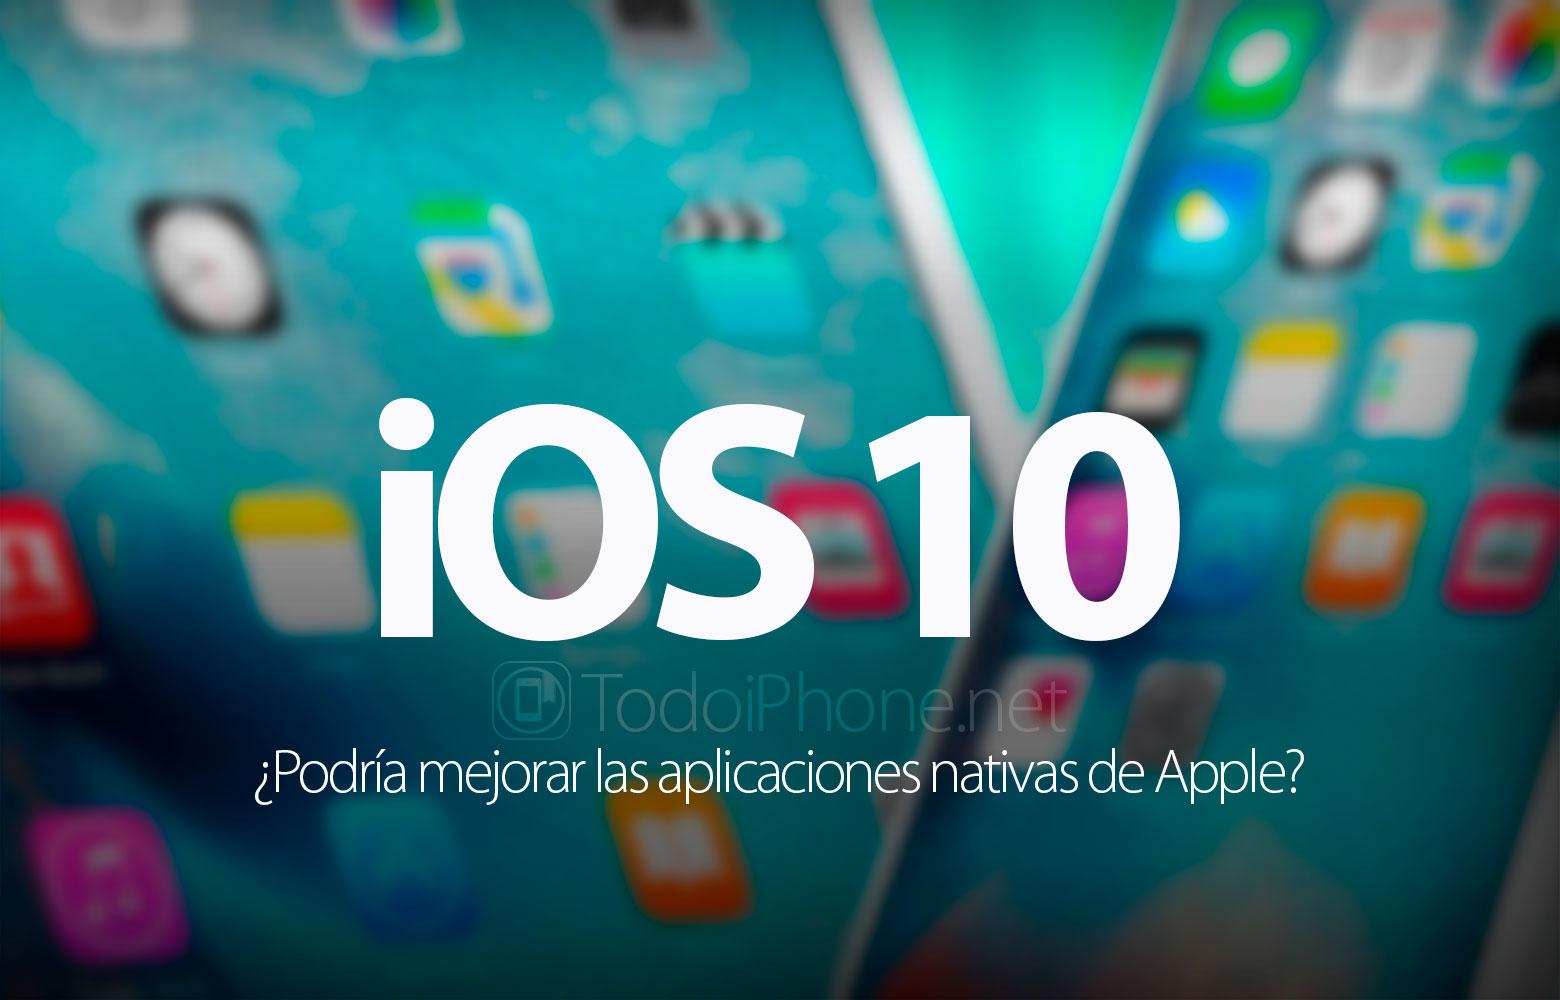 ios-10-podria-mejorar-aplicaciones-nativas-apple